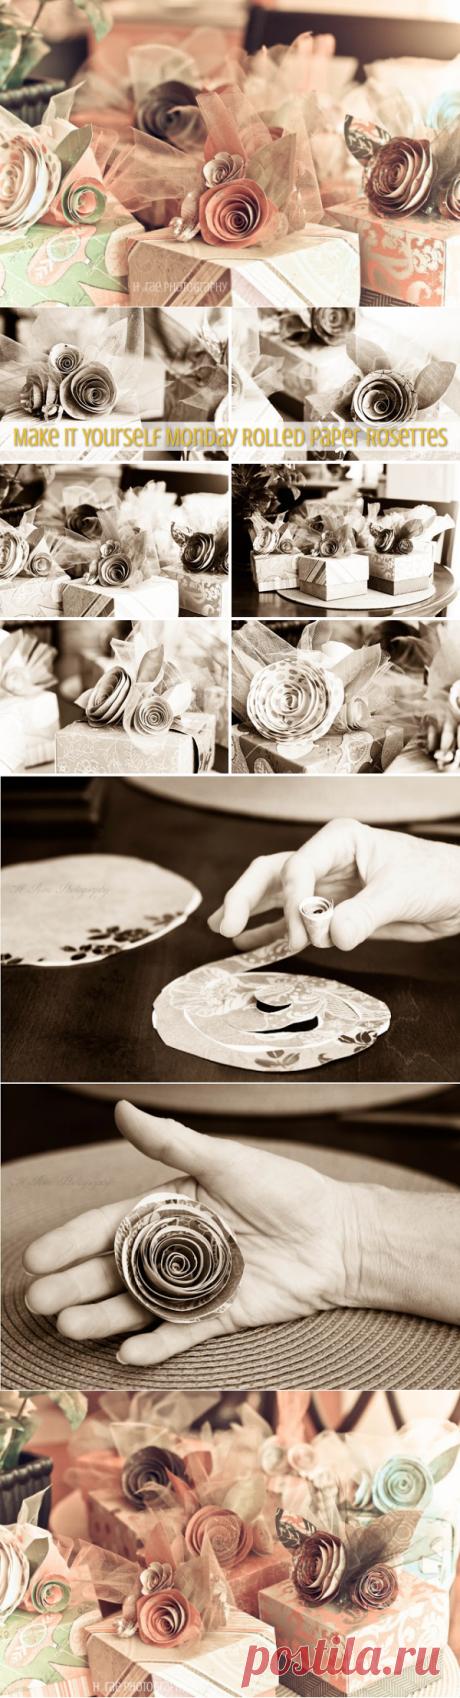 Спиральные розы из бумаги. Очень красивая работа и отличный мастер-класс